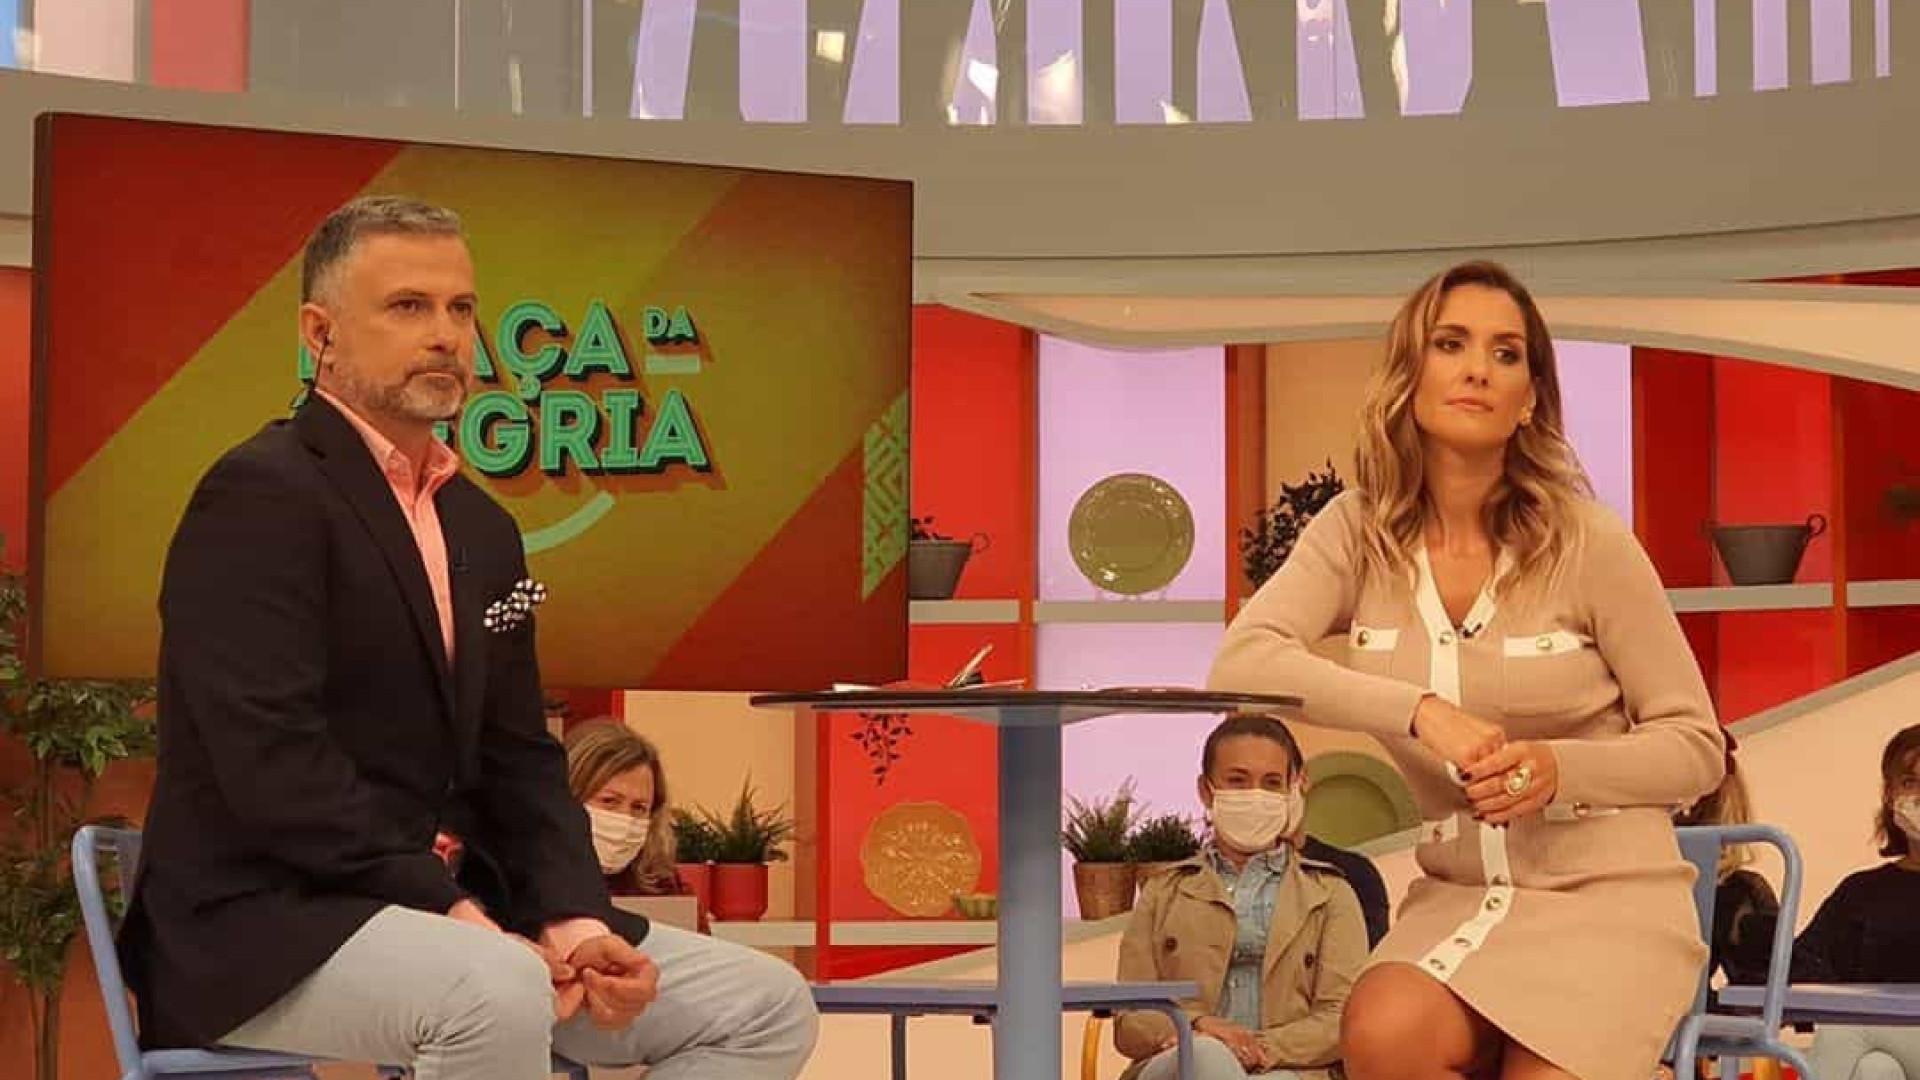 RTP. Hélder Reis e Joana Teles substituem Jorge Gabriel e Sónia Araújo